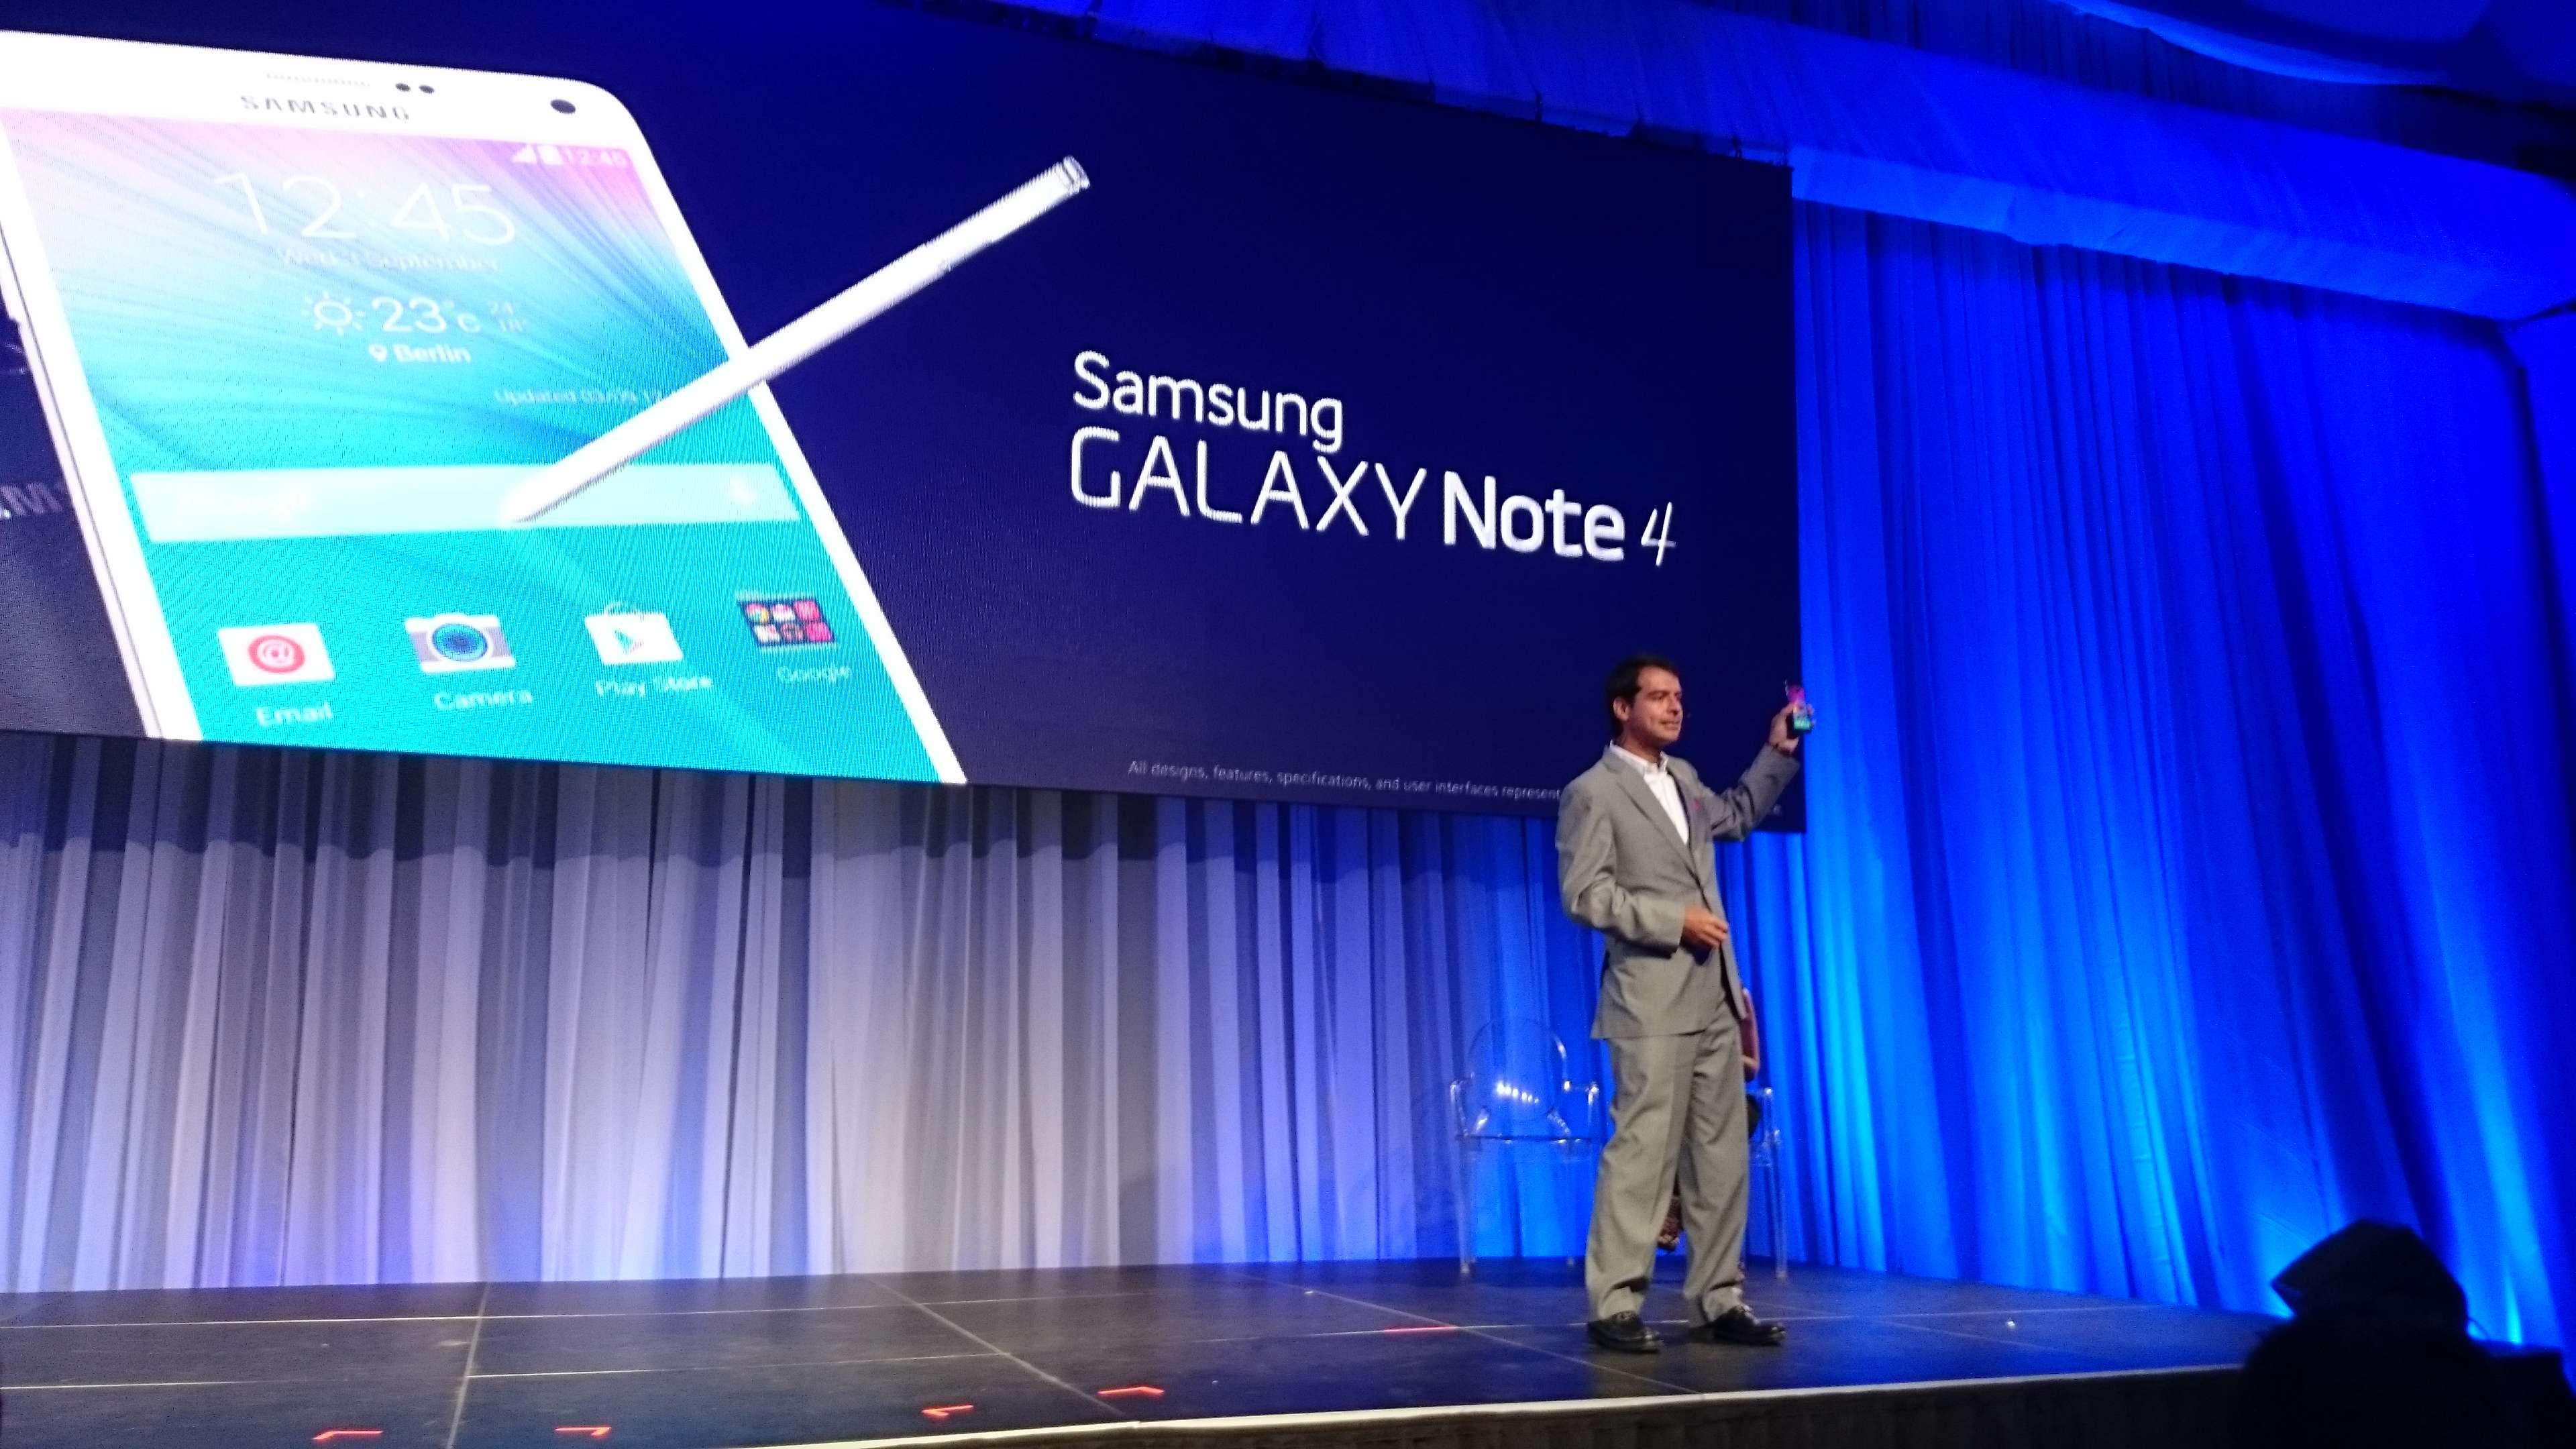 Carlos Mateus, vicepresidente de Samsung Colombia, encabezó la presentación. Foto: Juhani Espinoza/Terra